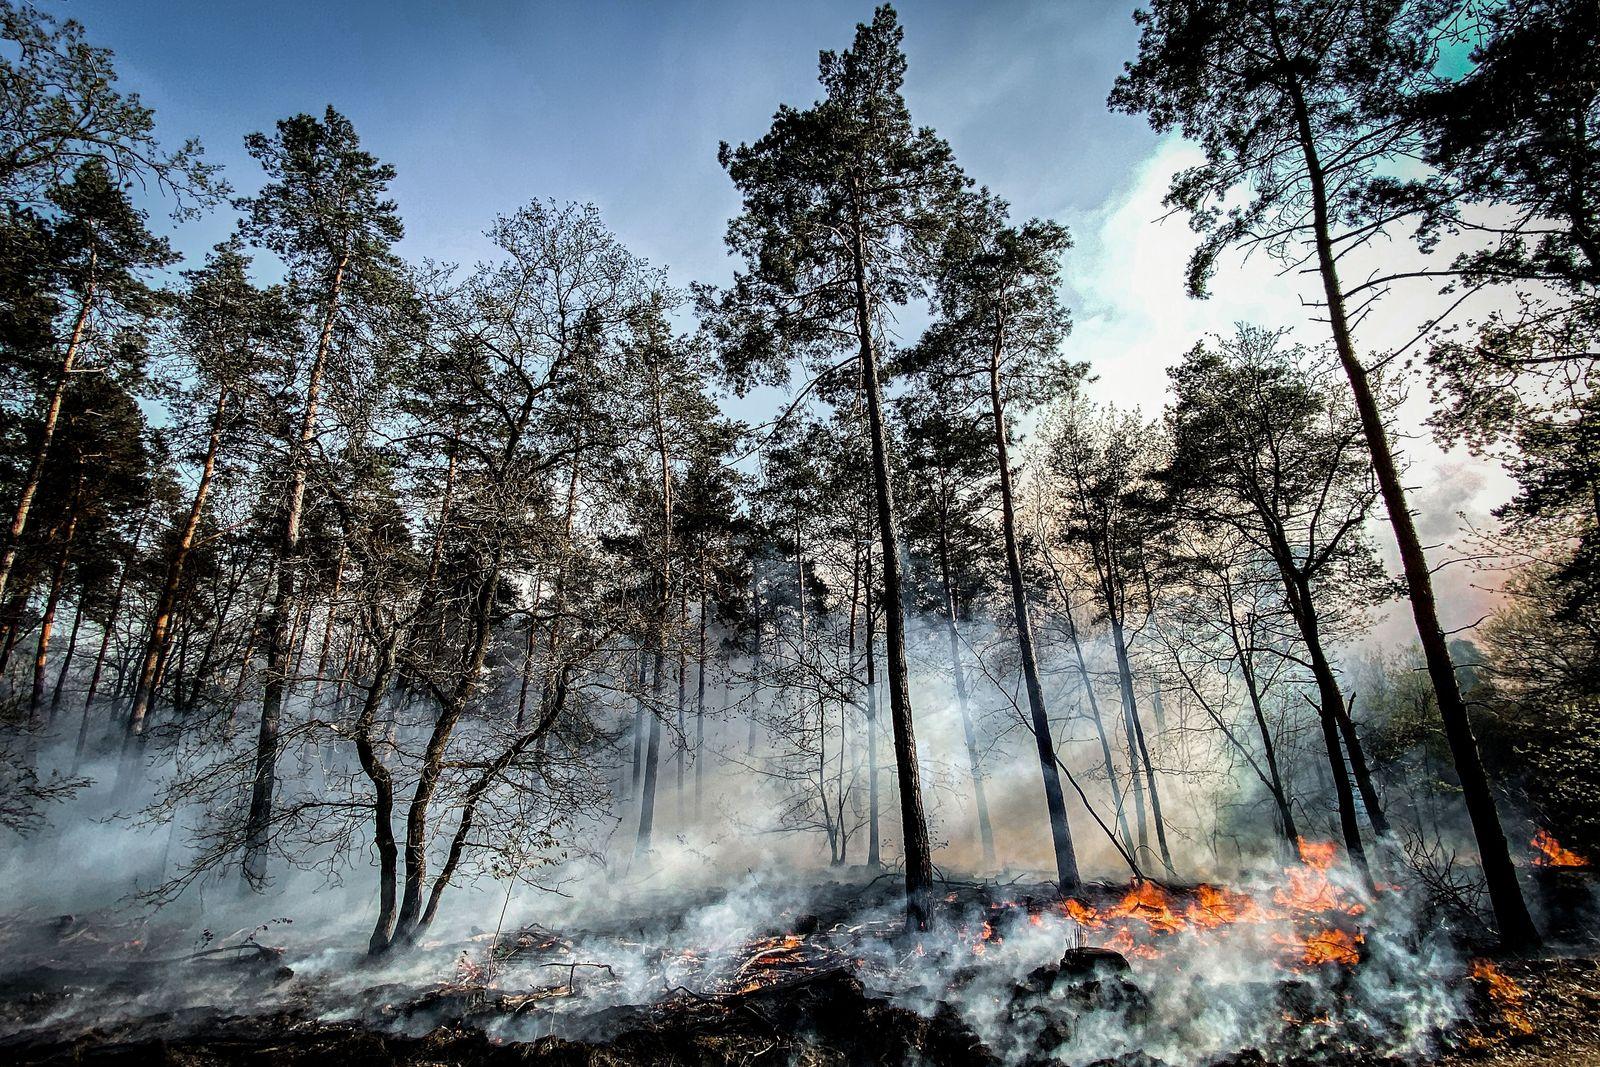 Forest fire in the German-Dutch Border Area, Niederkruechten, Germany - 21 Apr 2020